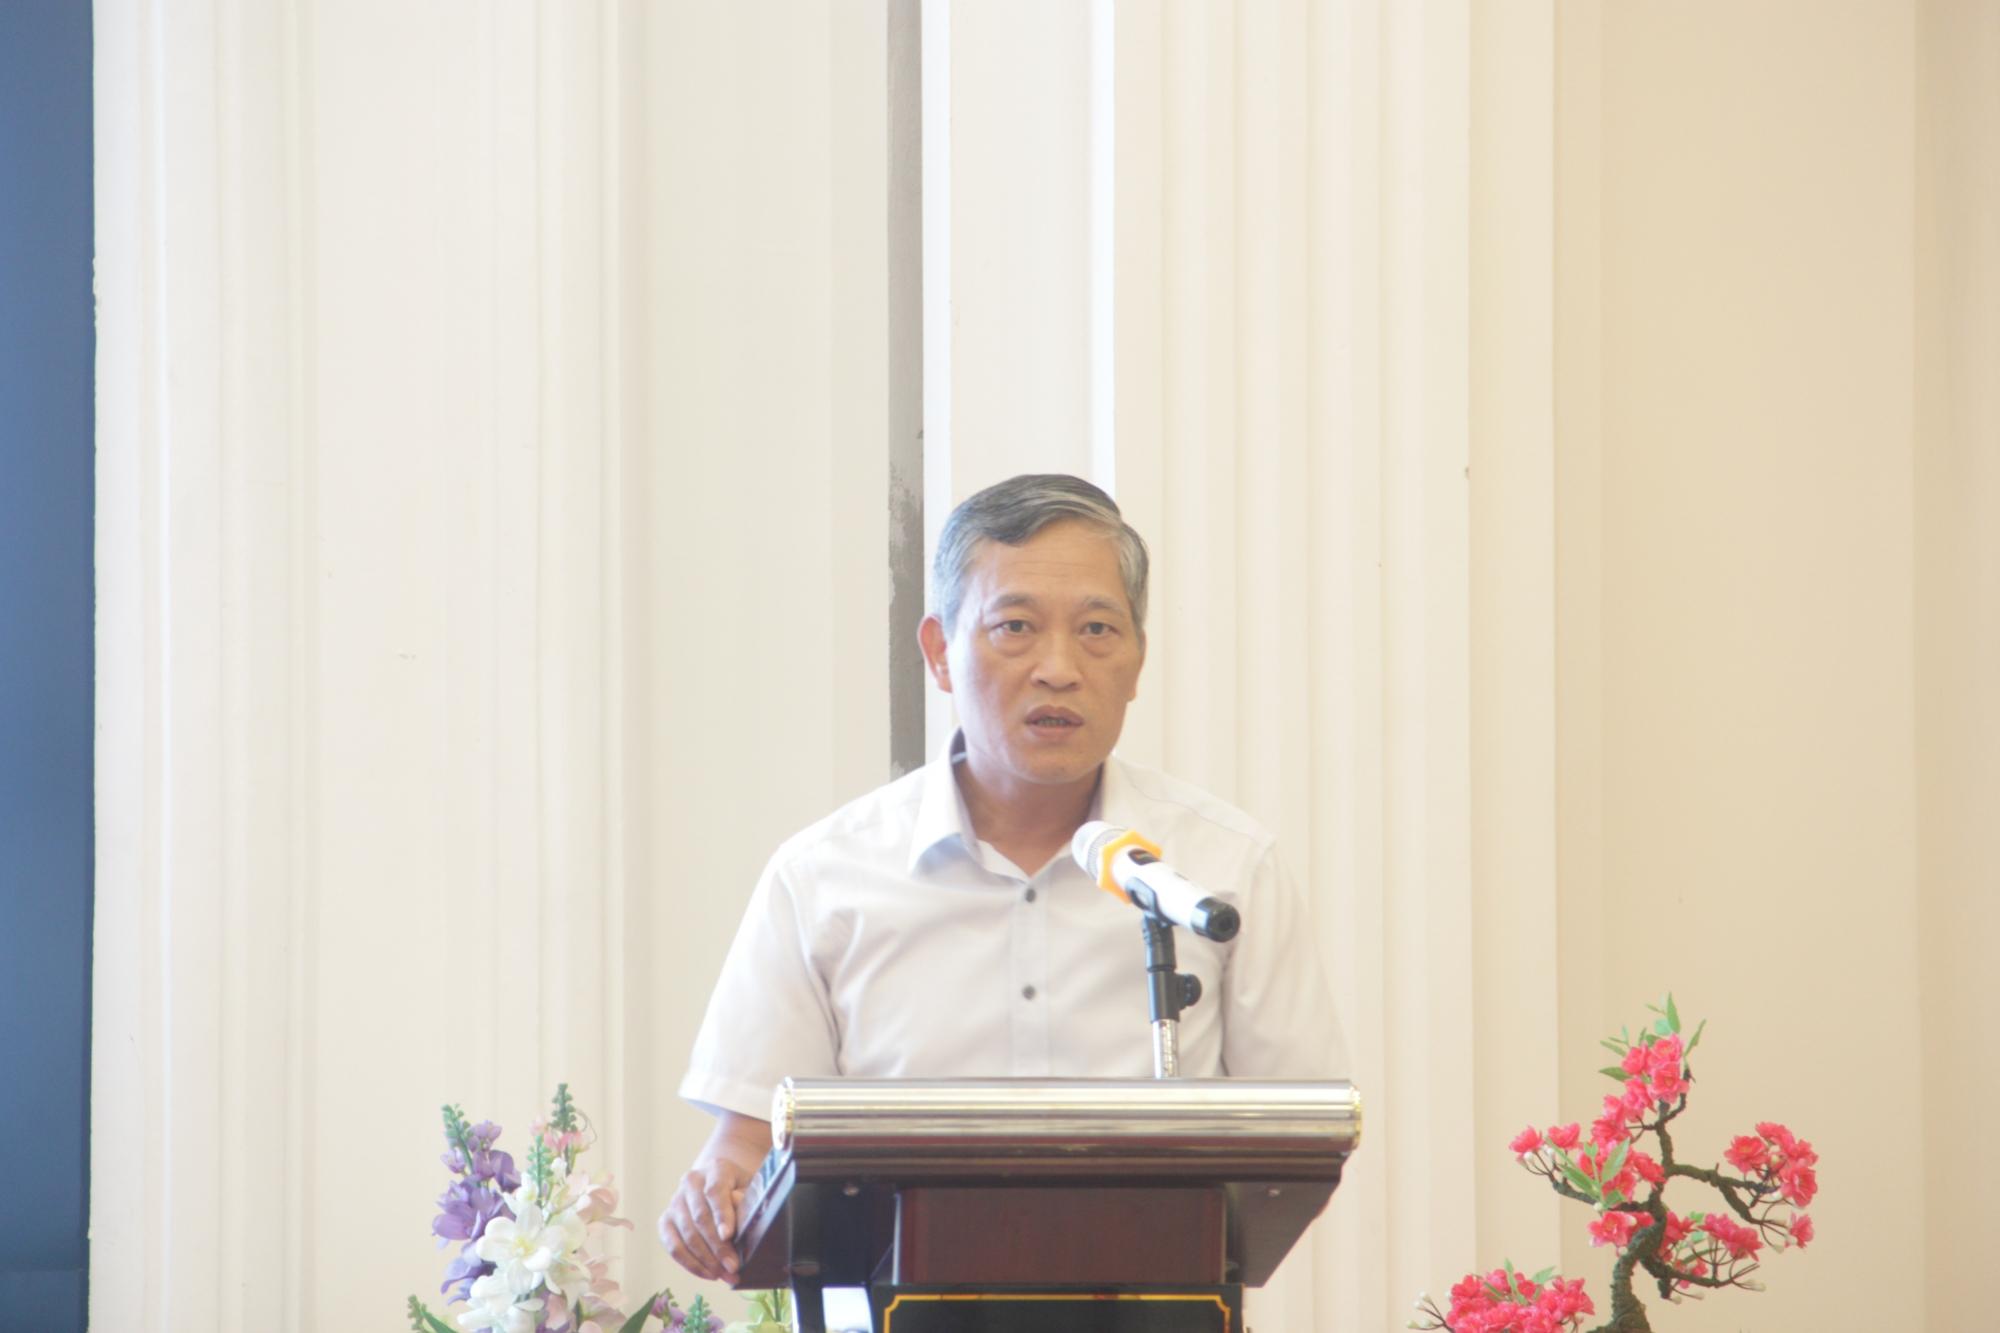 Thứ trưởng Bộ Khoa học & Công nghệ Trần Văn Tùng phát biểu tại hội nghị